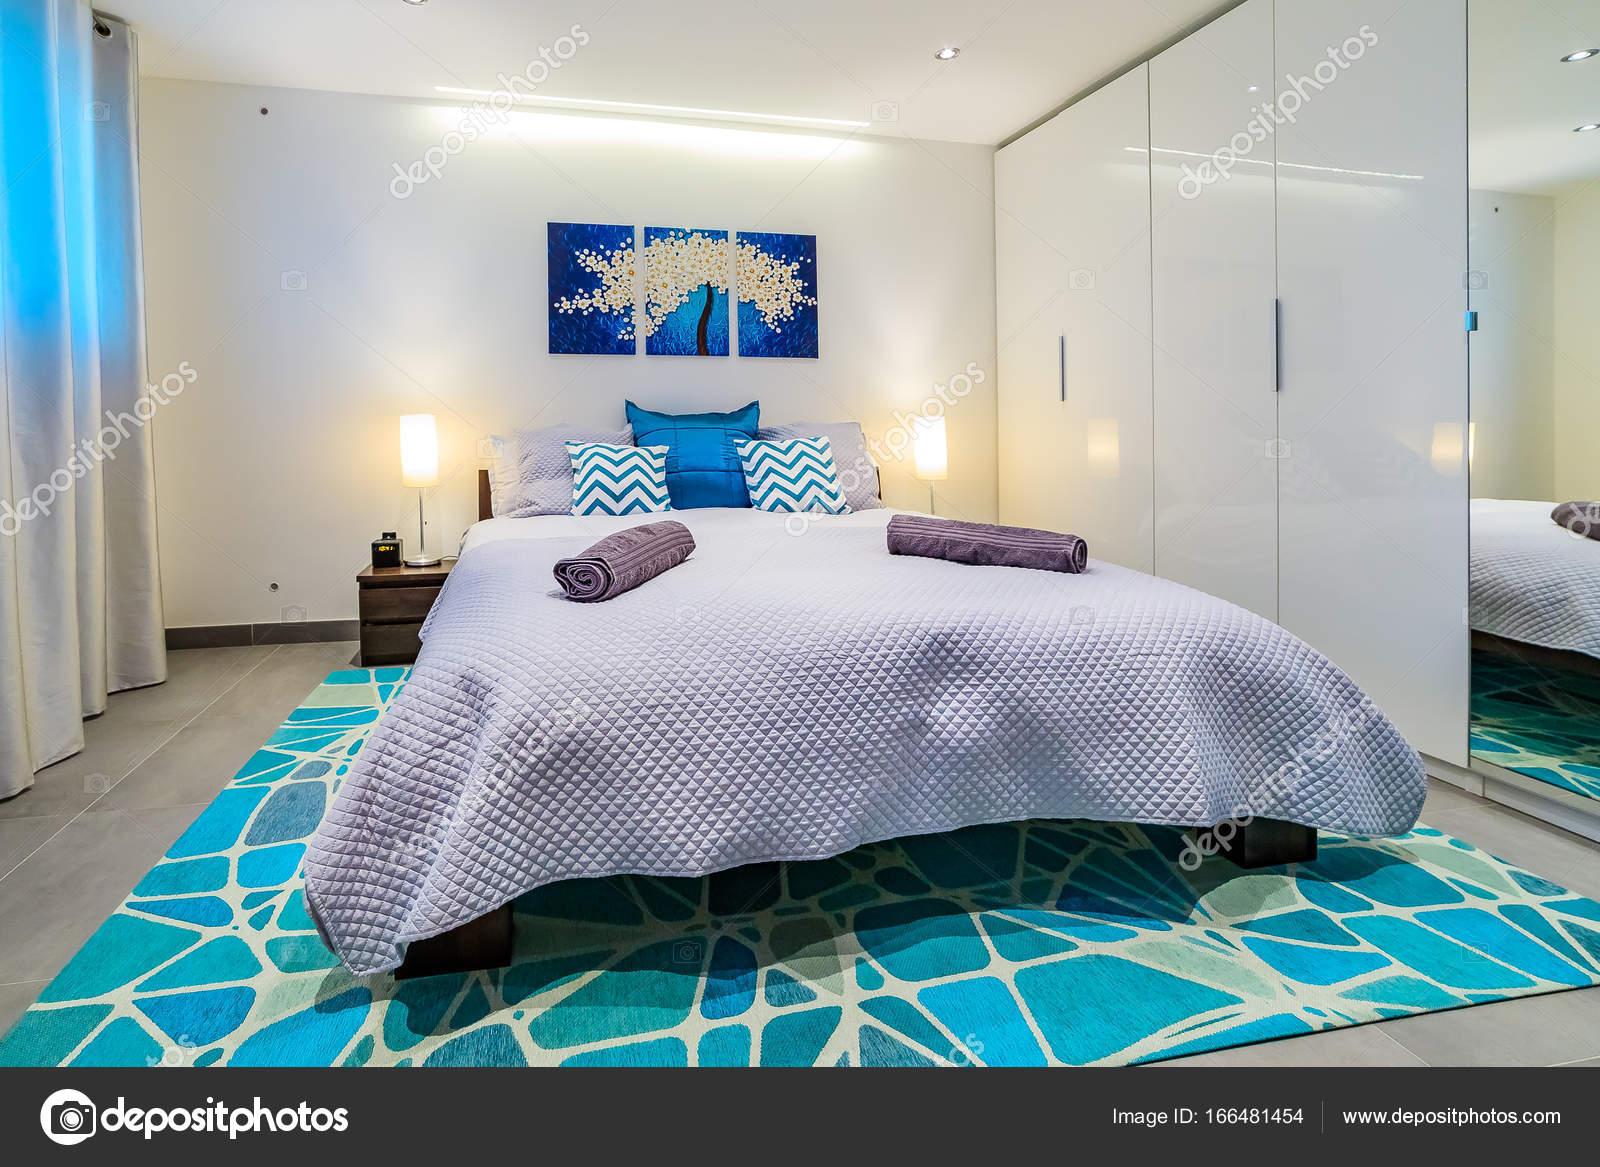 Attraktiv Großes Bett Mit Hotelbetreibern Und Leuchtend Blauen Kissen In Einem Modernen  Schlafzimmer, Wandkunst Malerei Und Lichter U2014 Foto Von SvetlanaSF